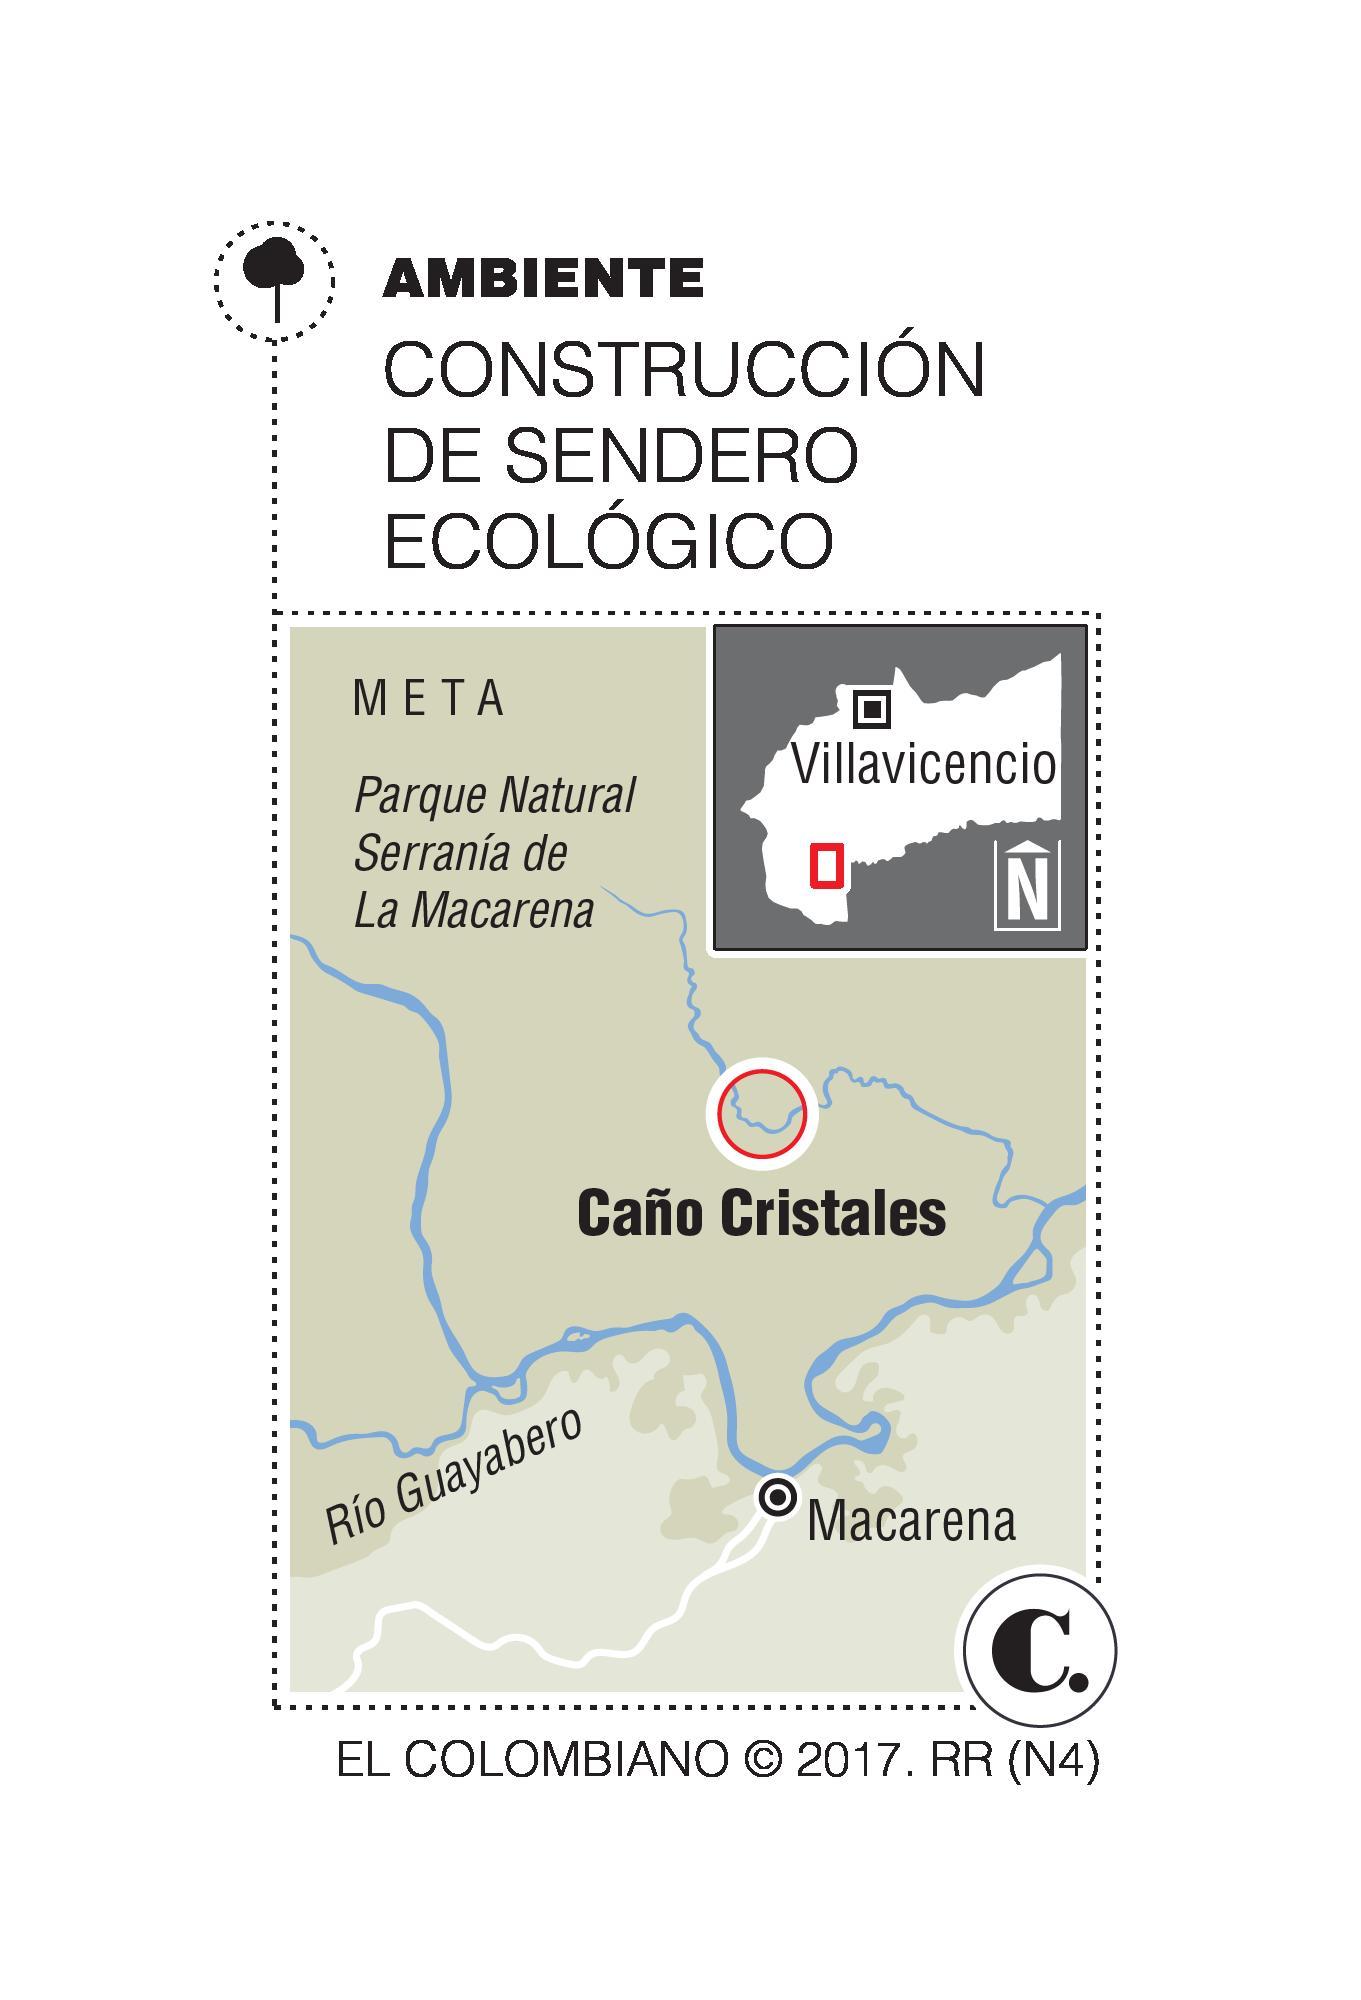 Caño Cristales tendrá sendero y ambientalistas piden protección